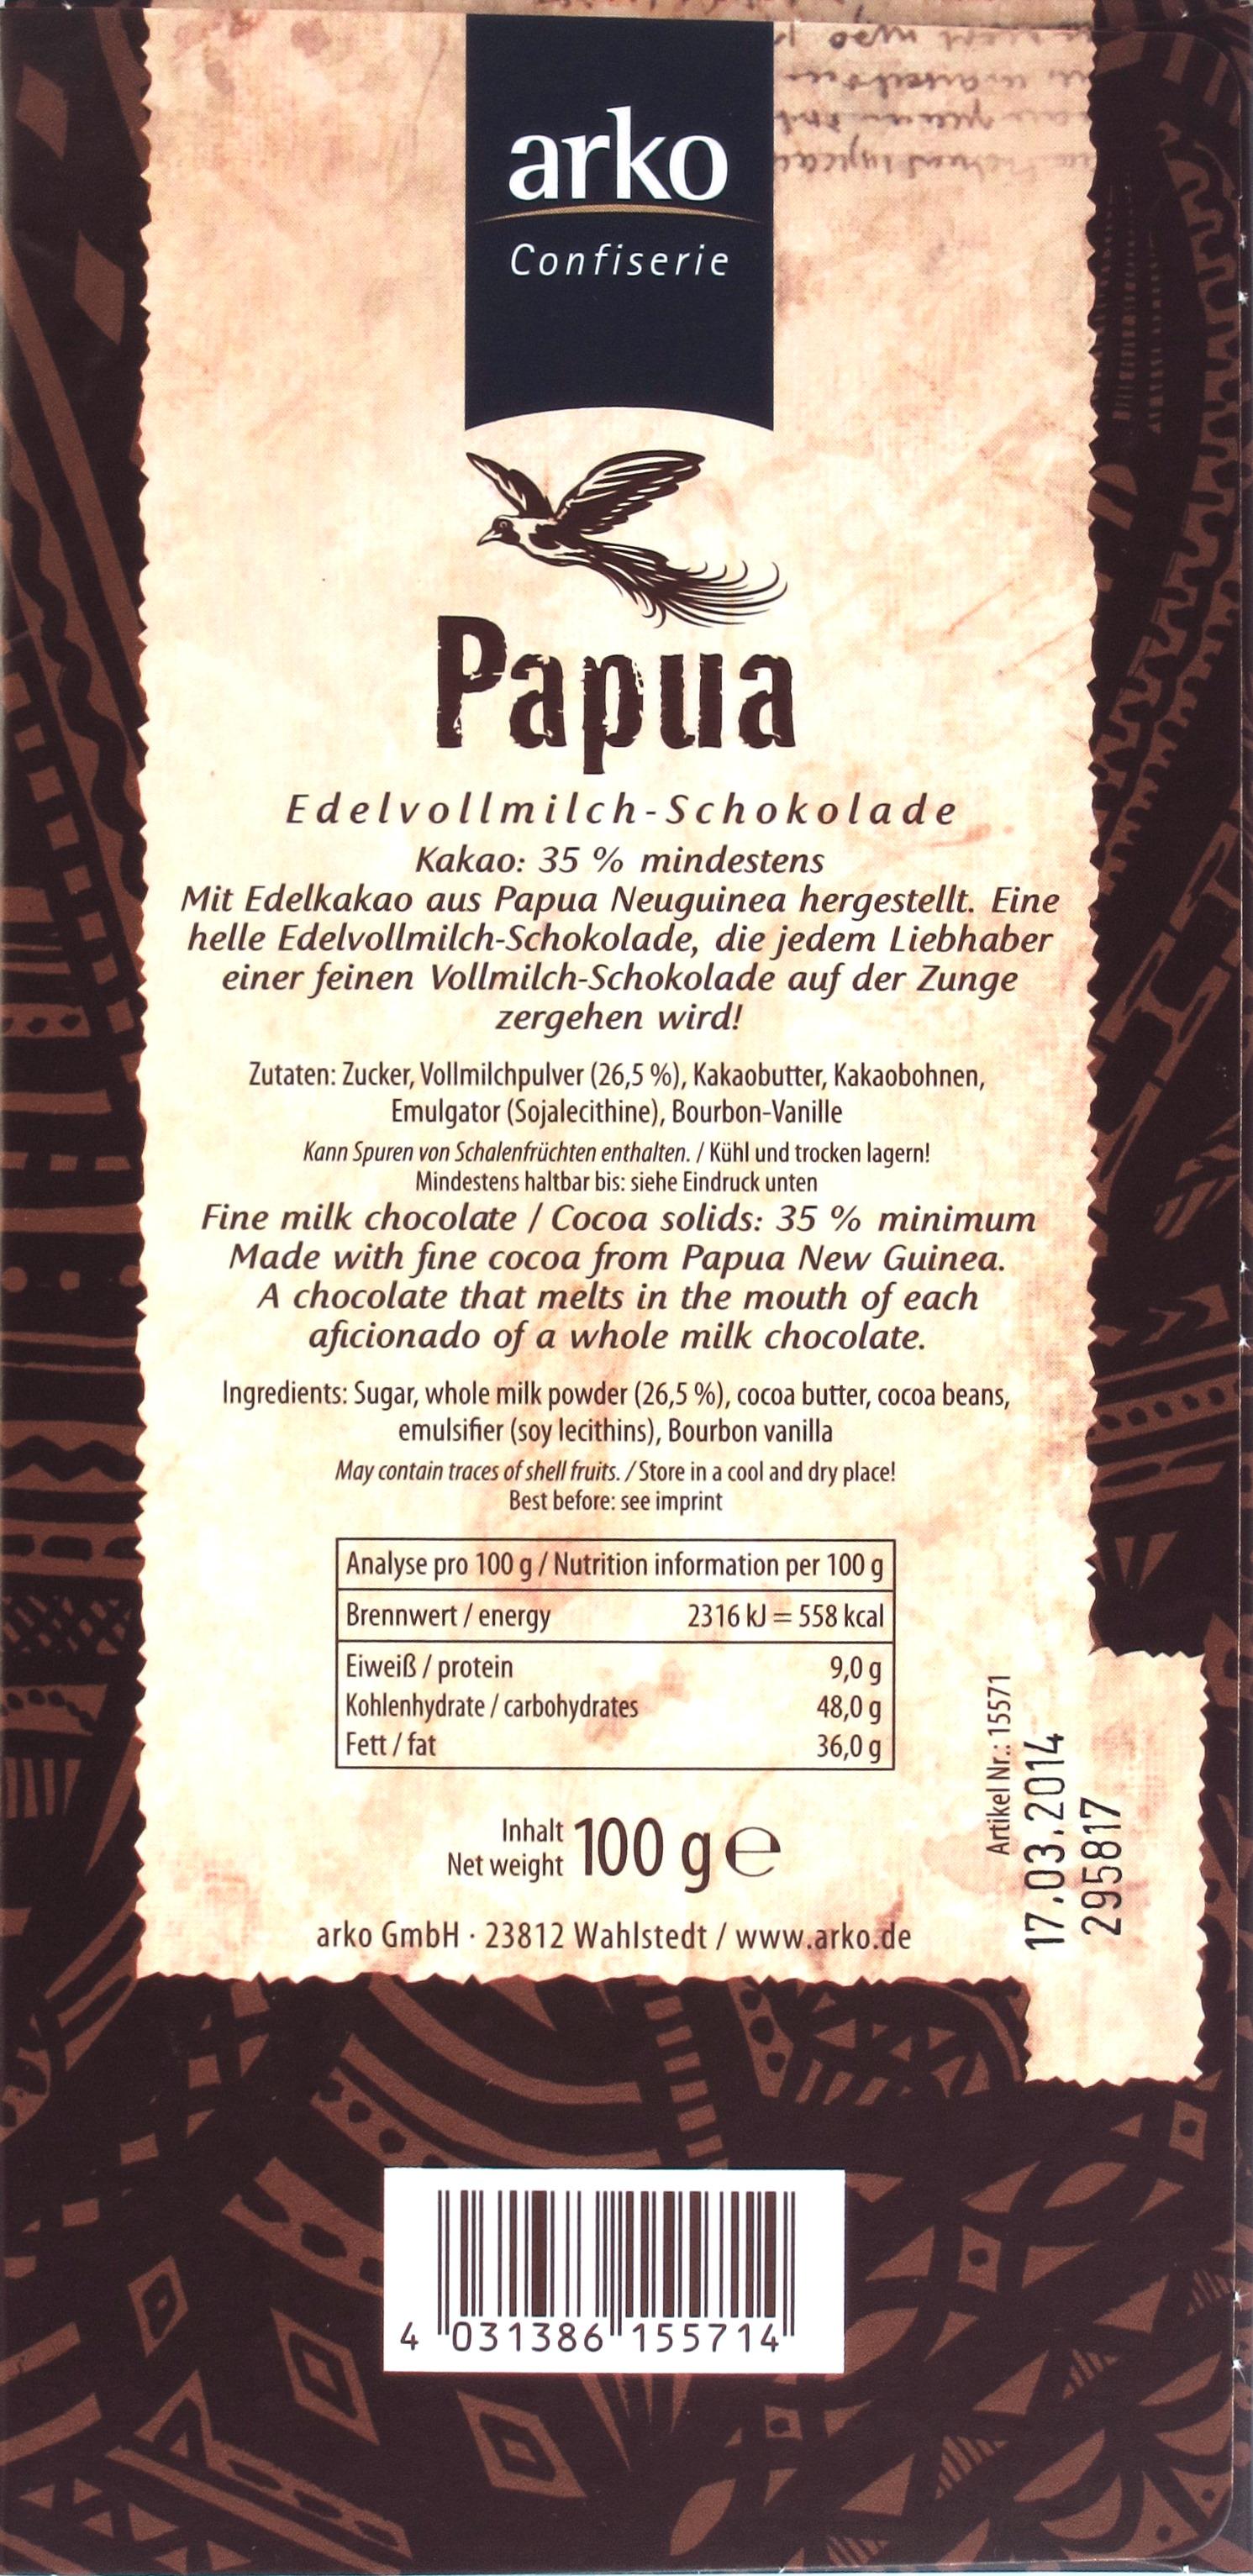 Arko-Milchschokolade 'Papua' - Rückseite